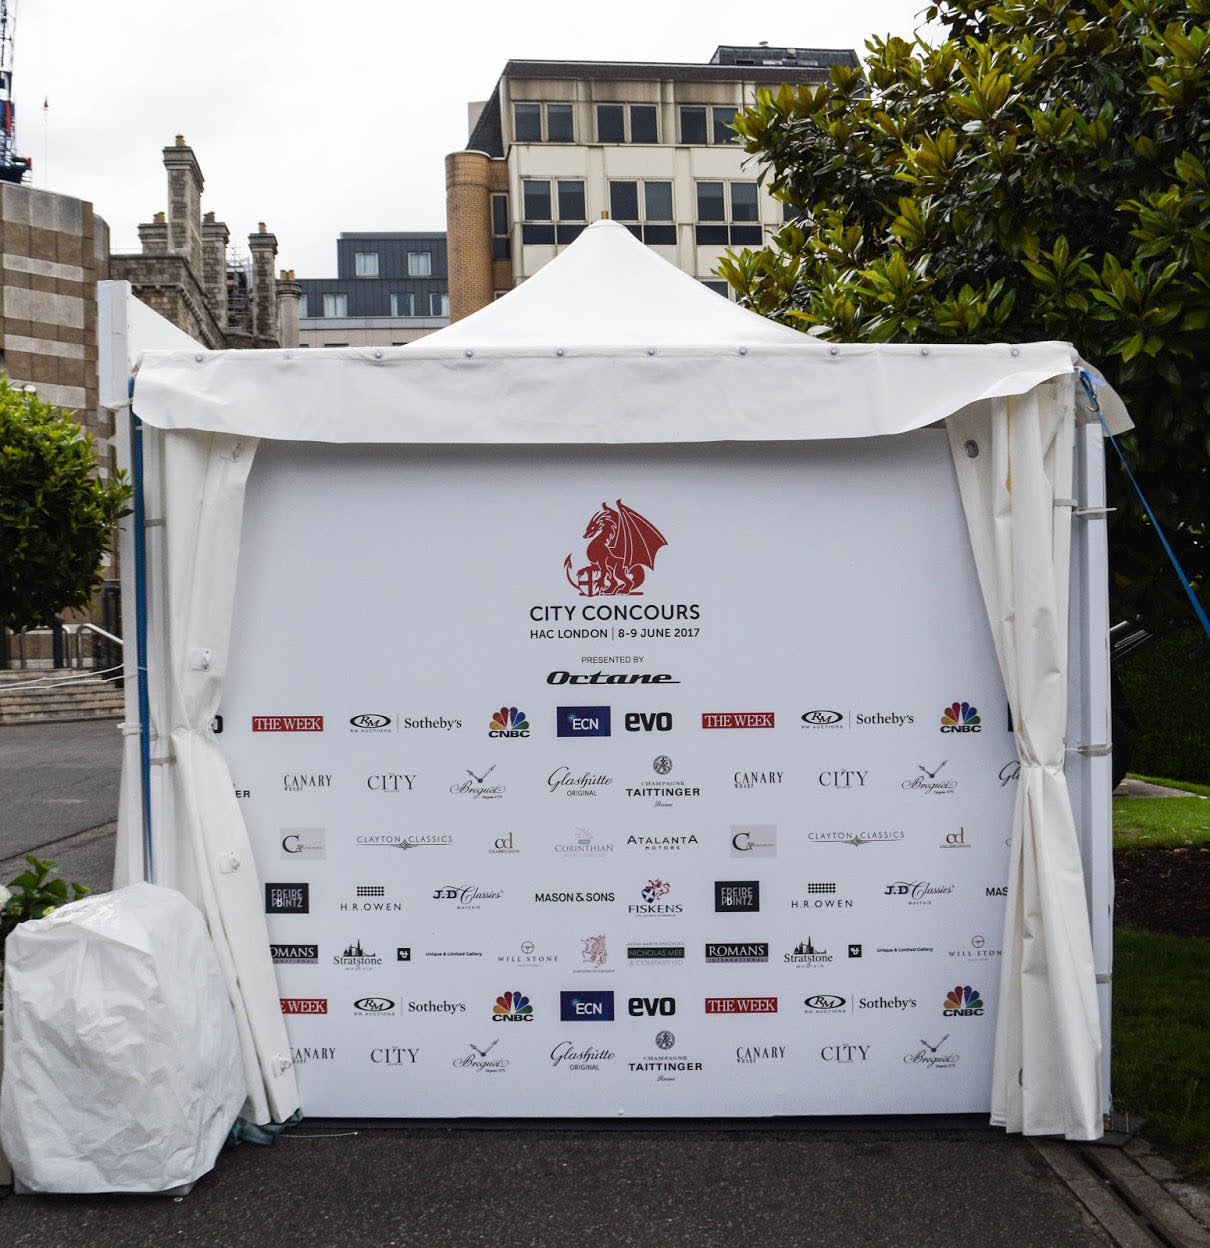 City Concours London 2017